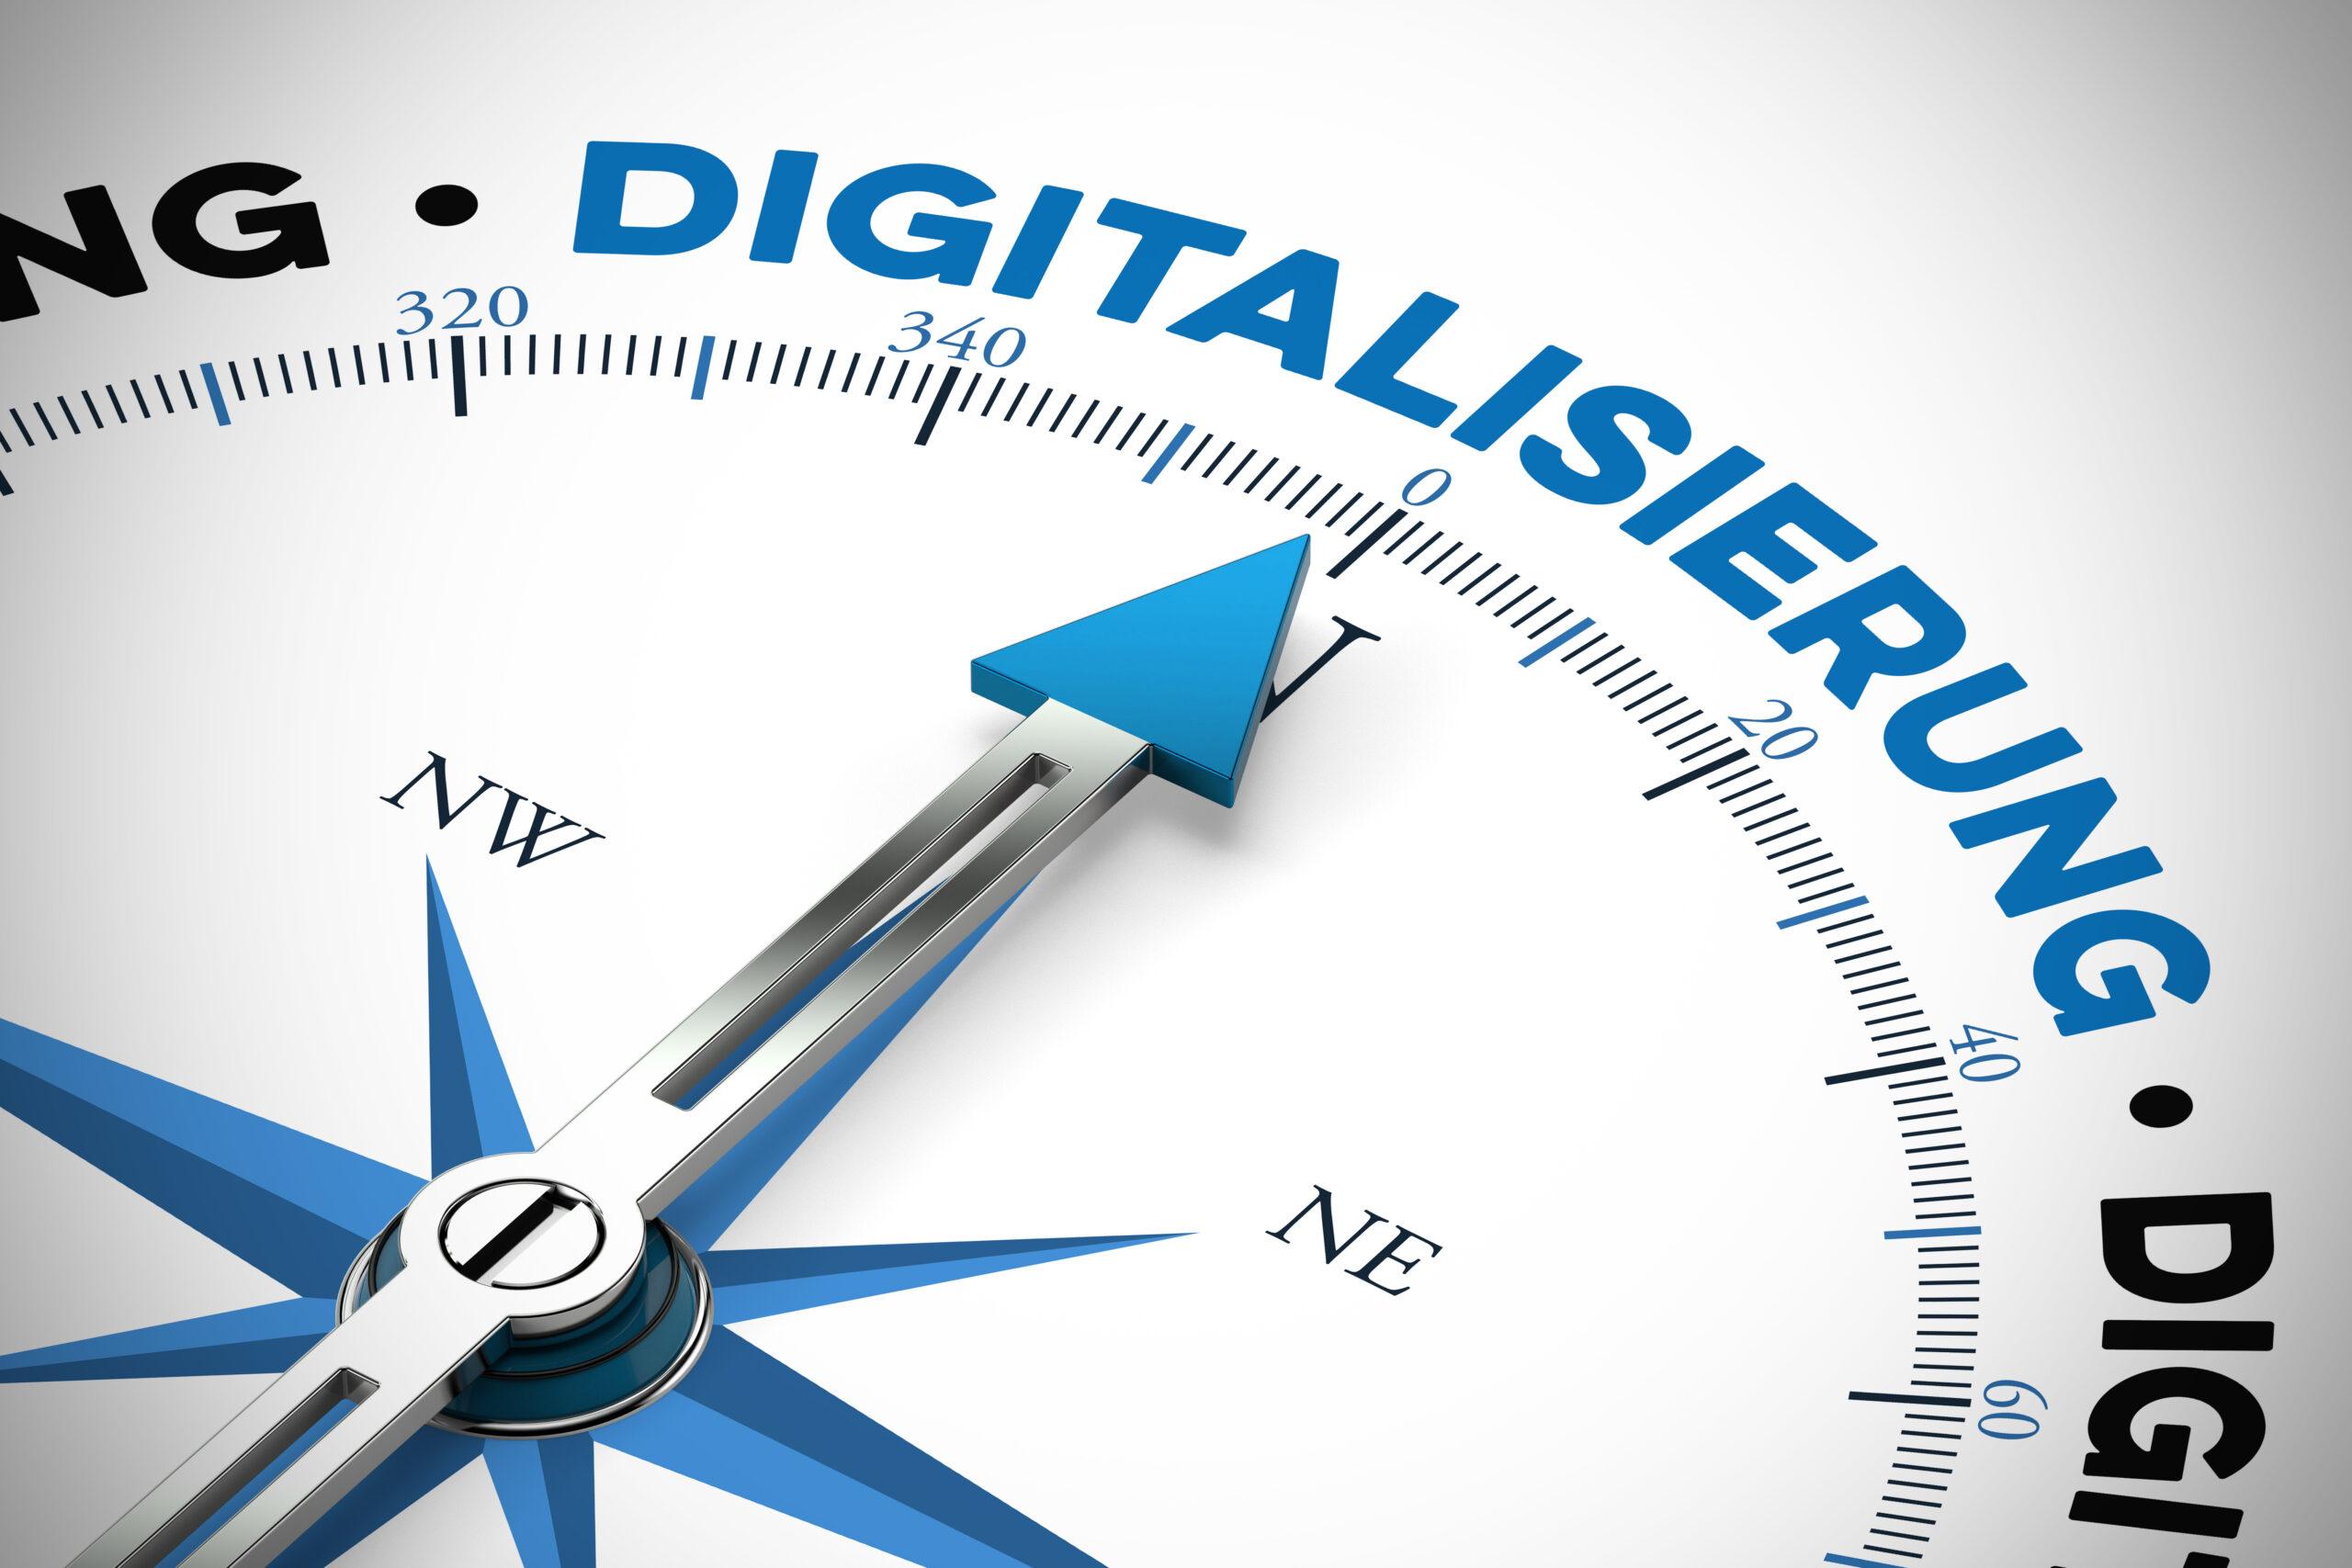 Wowi 4.0 - Entwicklung einer Digitalisierungsstrategie